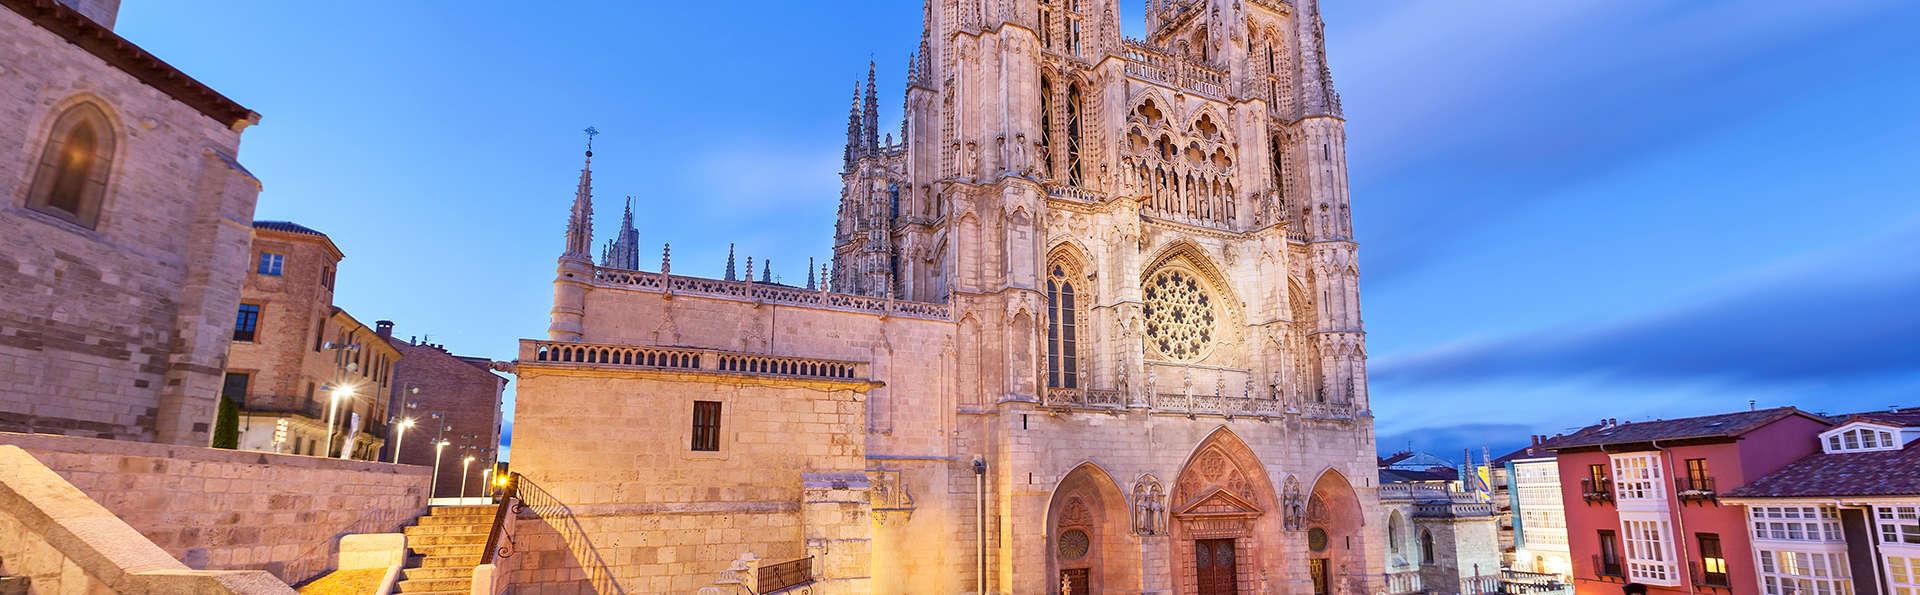 Escapada con encanto a un paso de Burgos con desayuno incluido